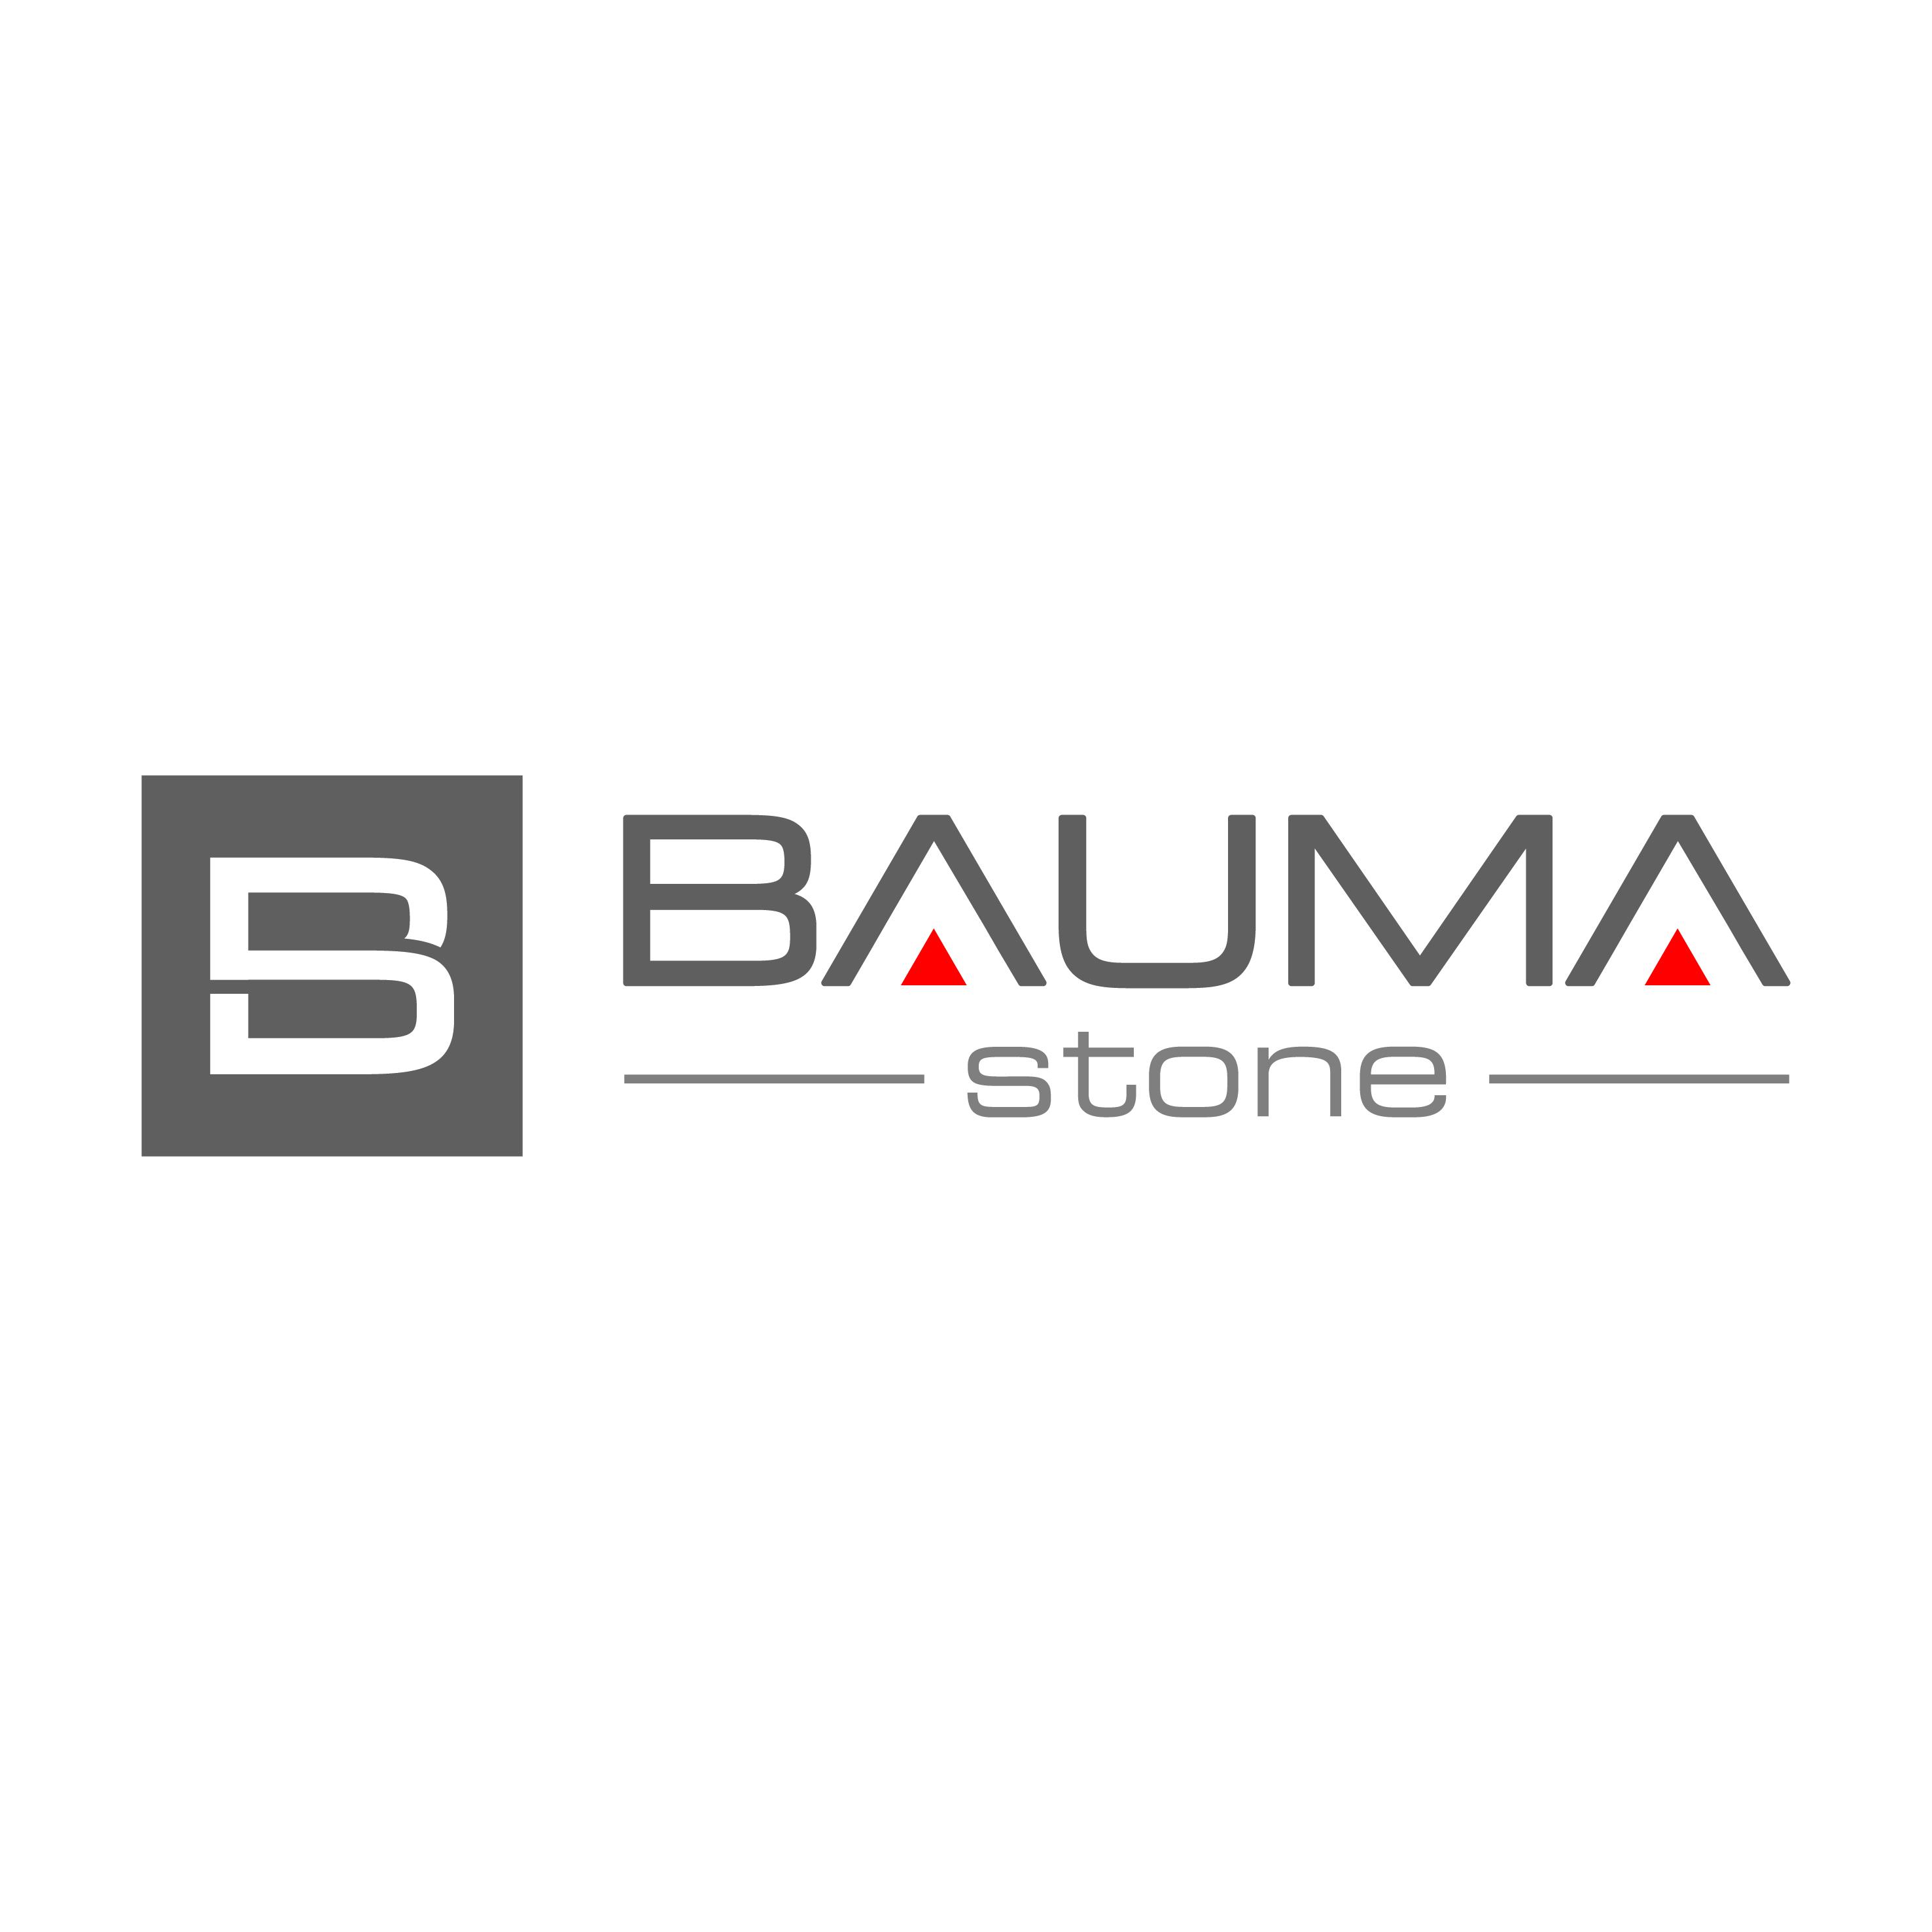 BAUMA STONE